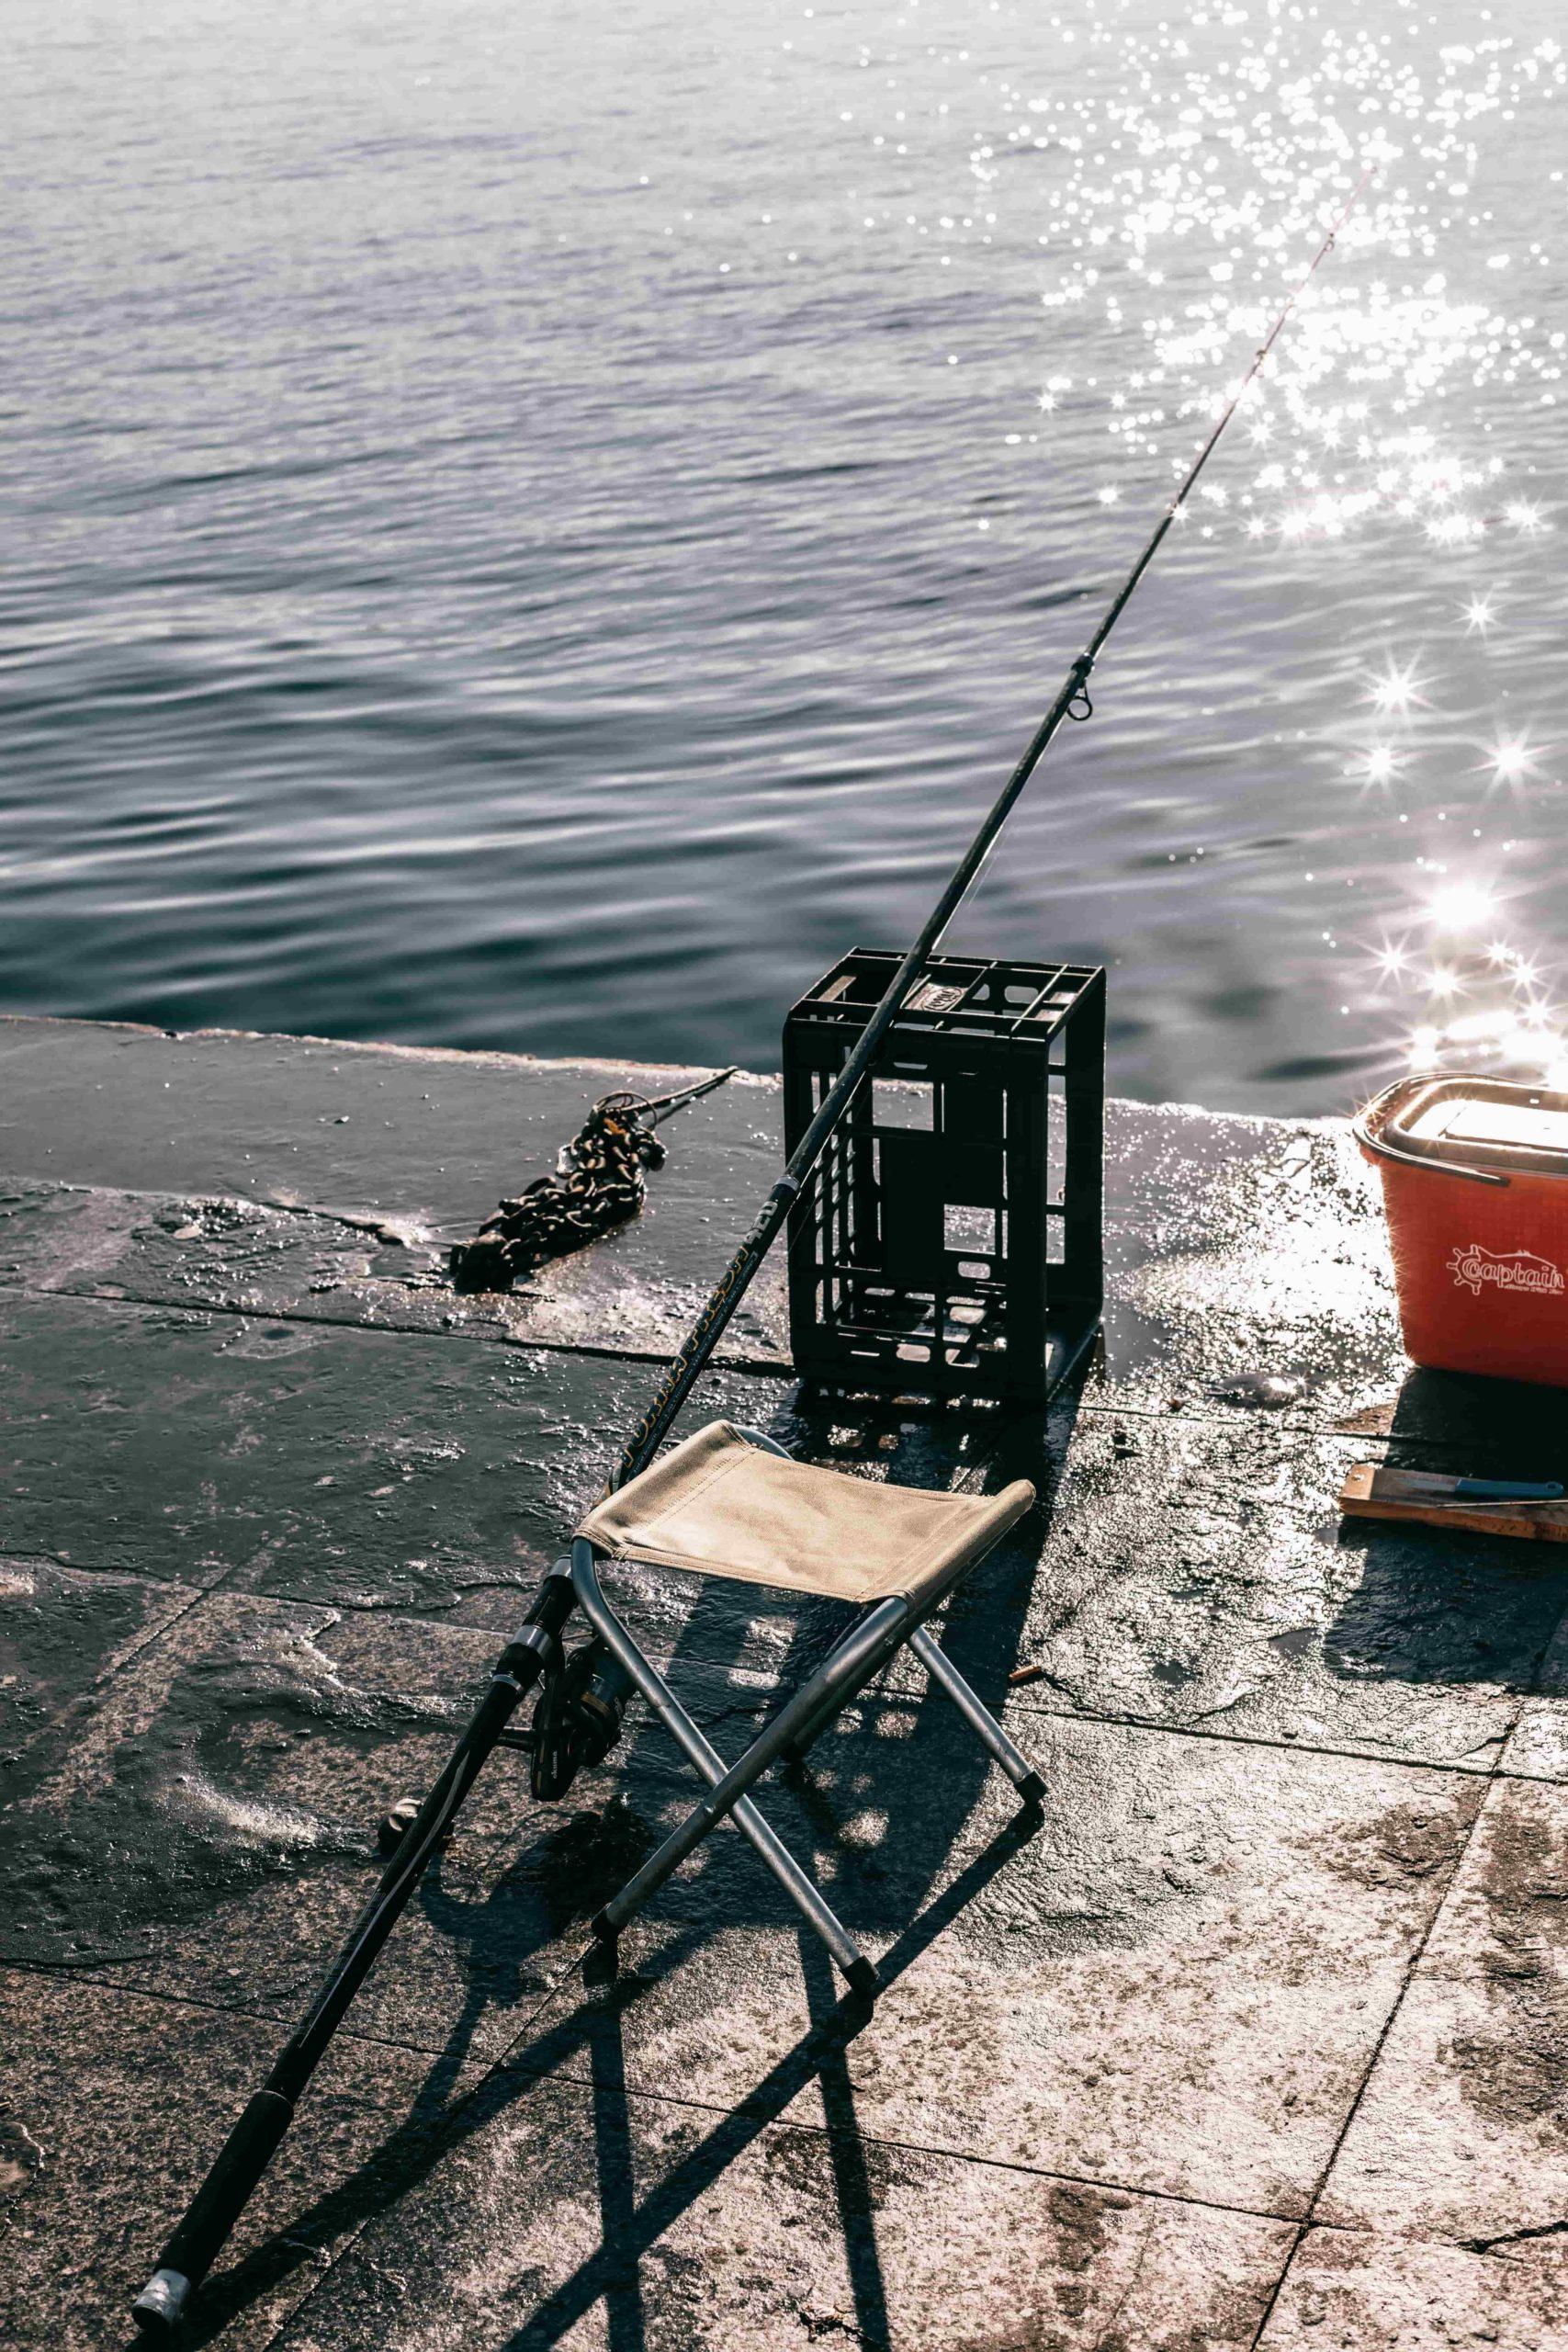 ¿Cómo elegir una silla de pesca plegable? – por sillasplegables.pro